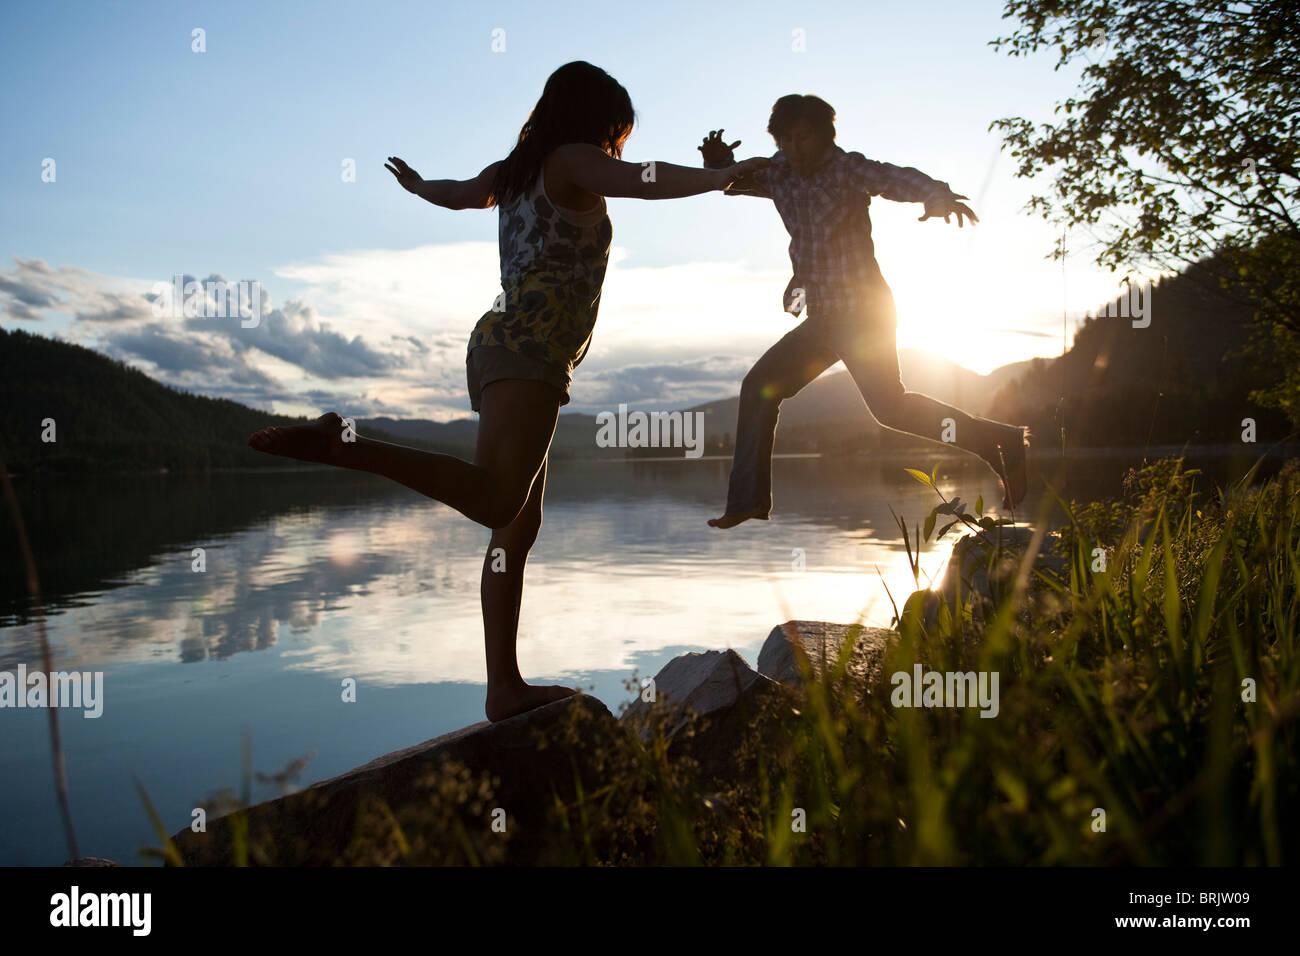 Dos adultos jóvenes equilibrio sobre las rocas al atardecer junto al lago. Imagen De Stock